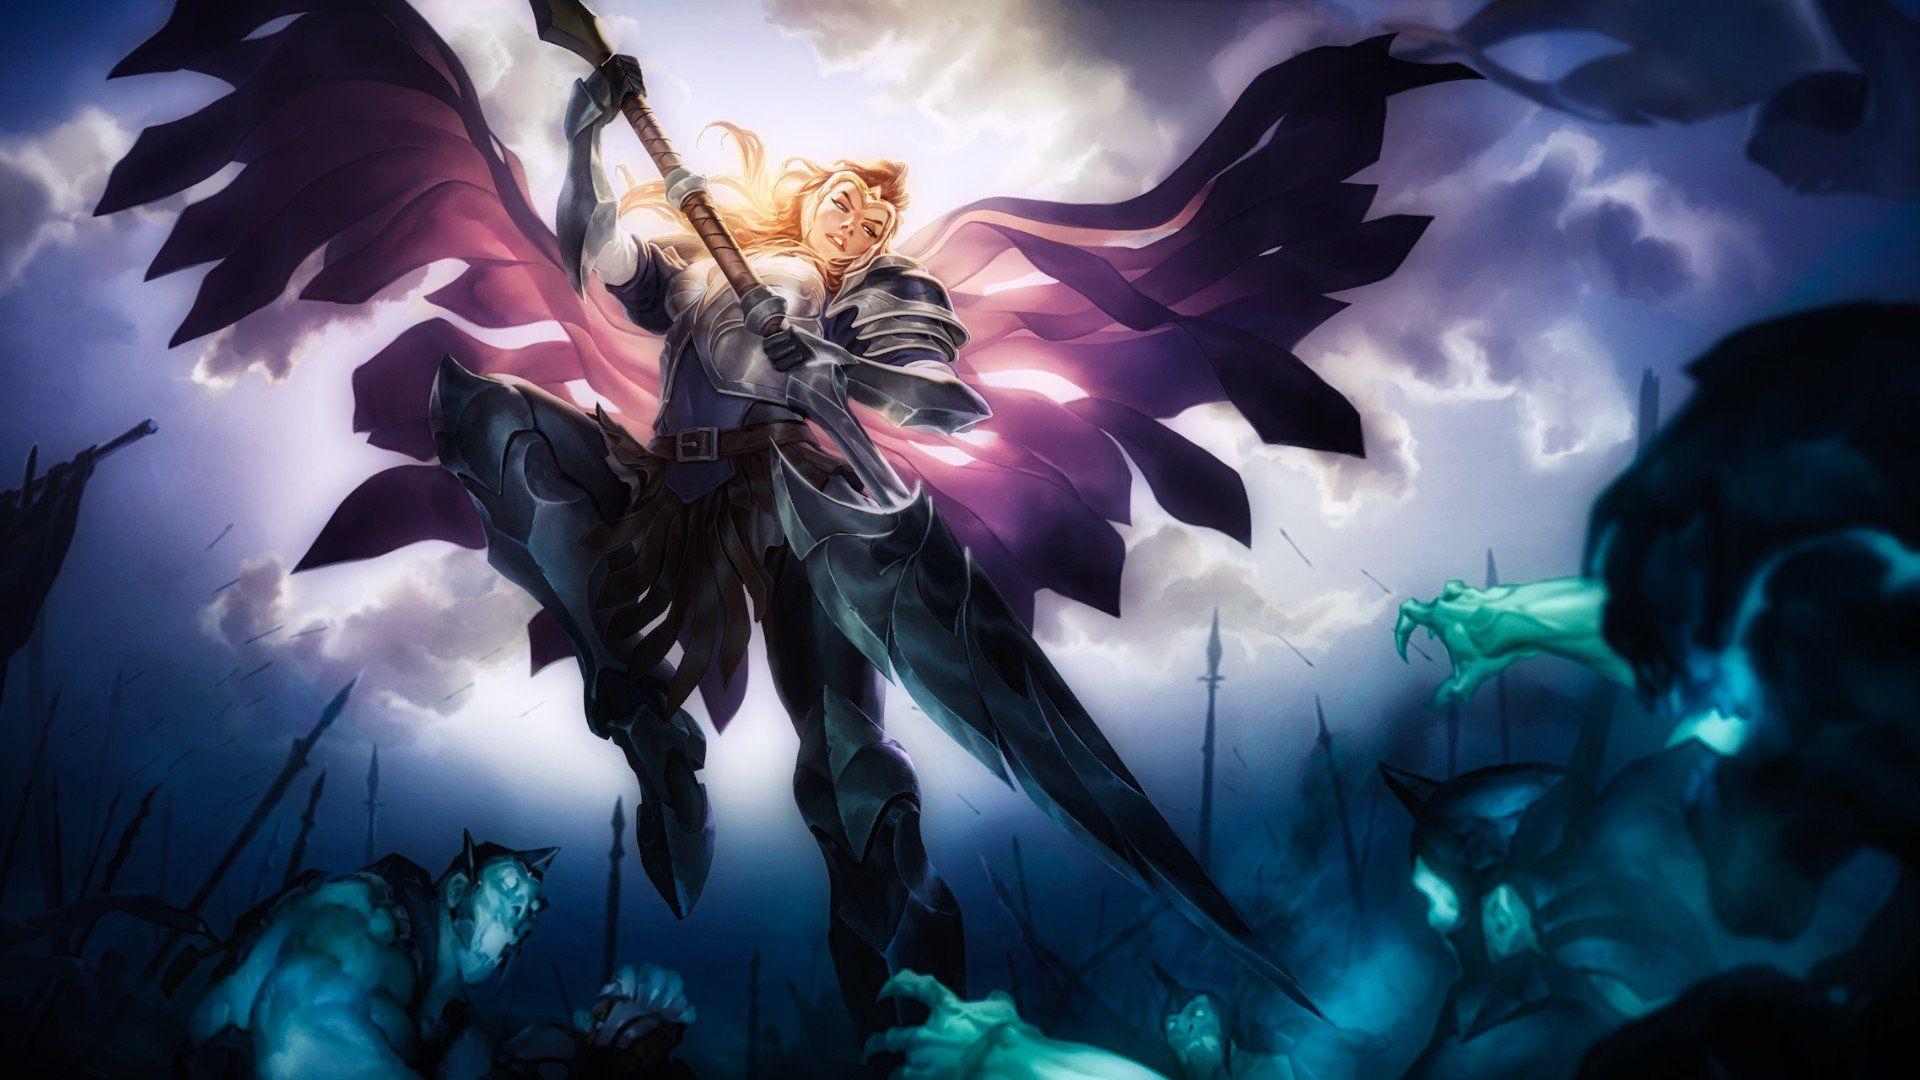 Legends Of Runeterra Wallpapers L2pbomb Art Album Fantasy Illustration Art